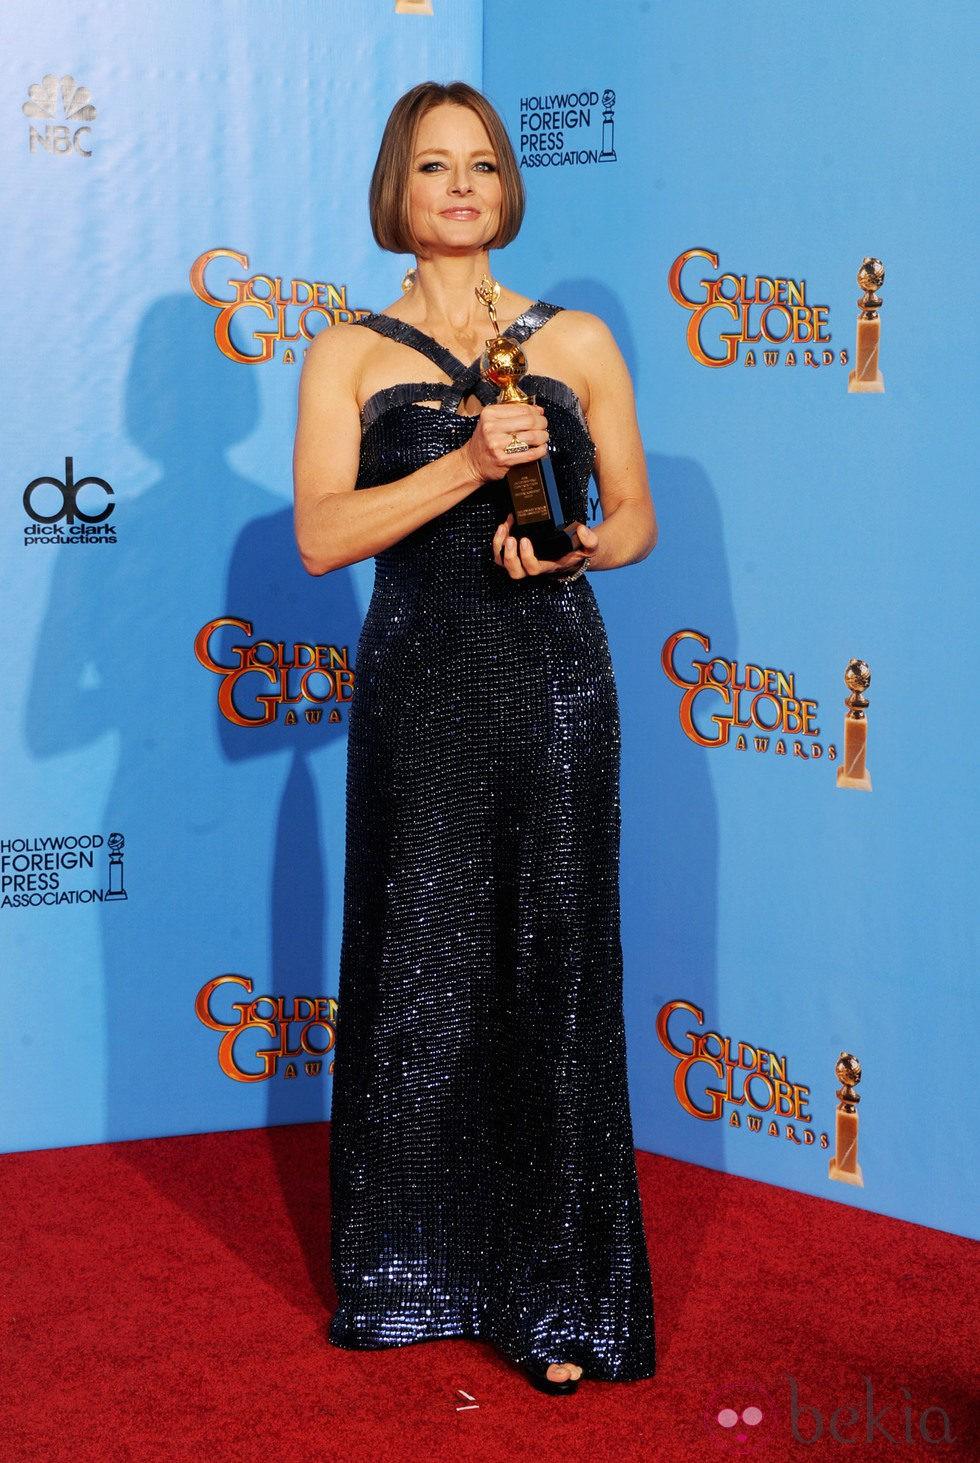 Jodie Foster en los Globos de Oro 2013 con el galardón honorífico Cecil B. de Mille